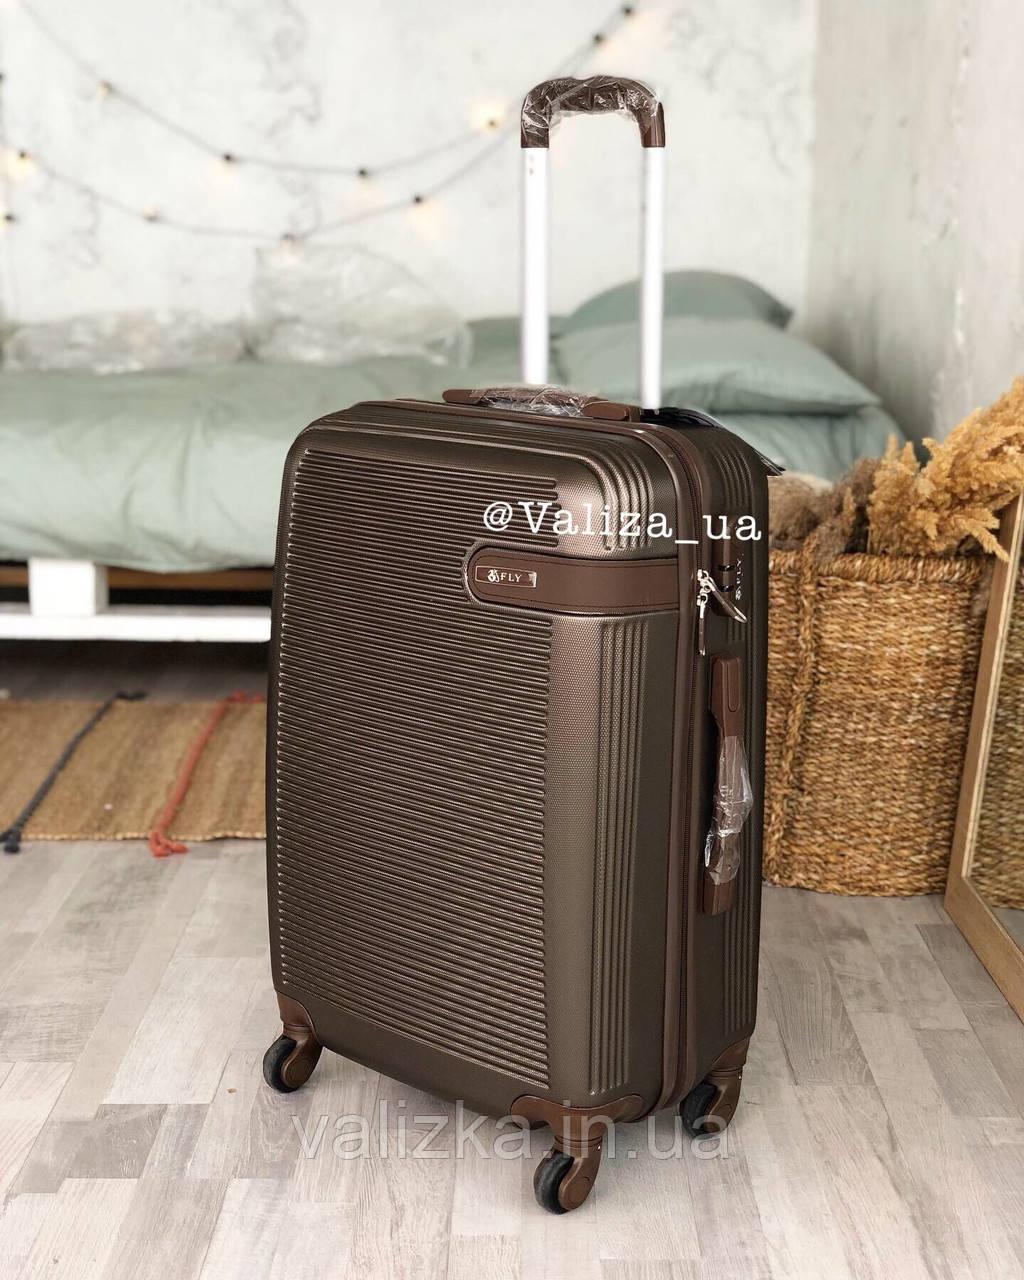 Средний пластиковый чемодан коричневый на 4-х колесах / Середня пластикова валіза